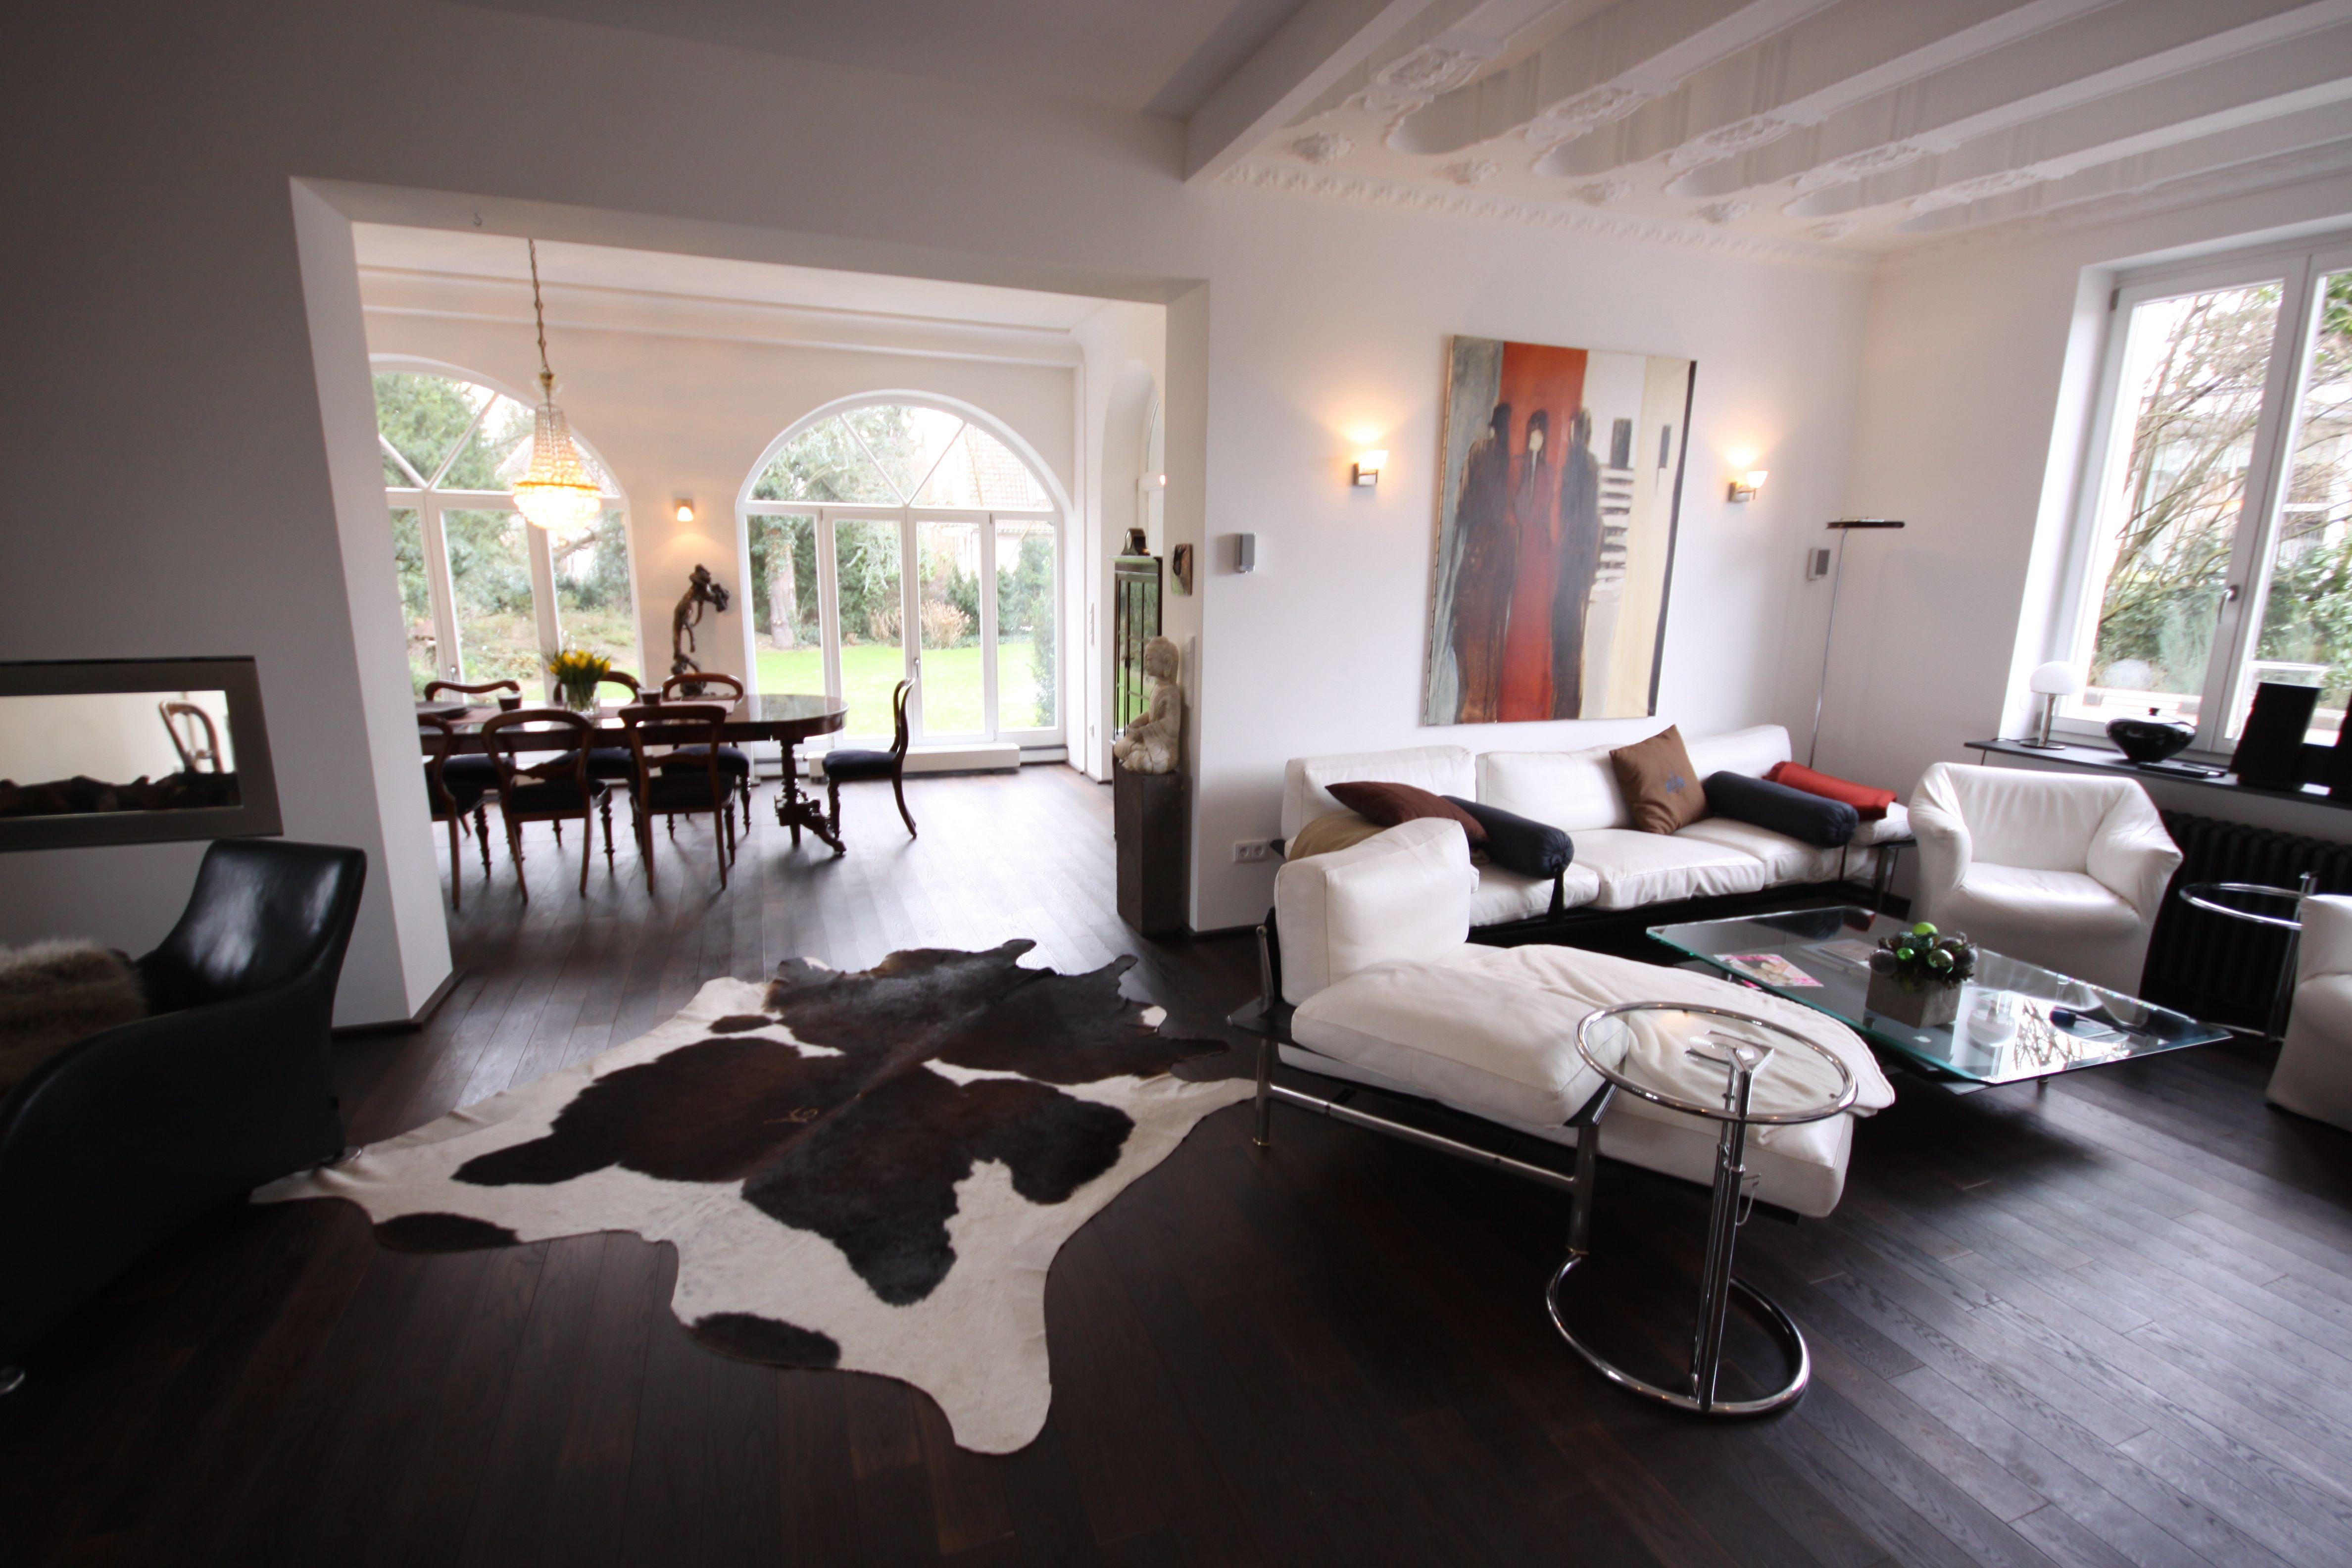 Wohnzimmer Günstig ~ Yarial moderne bilder wohnzimmer gu fcnstig badezimmer